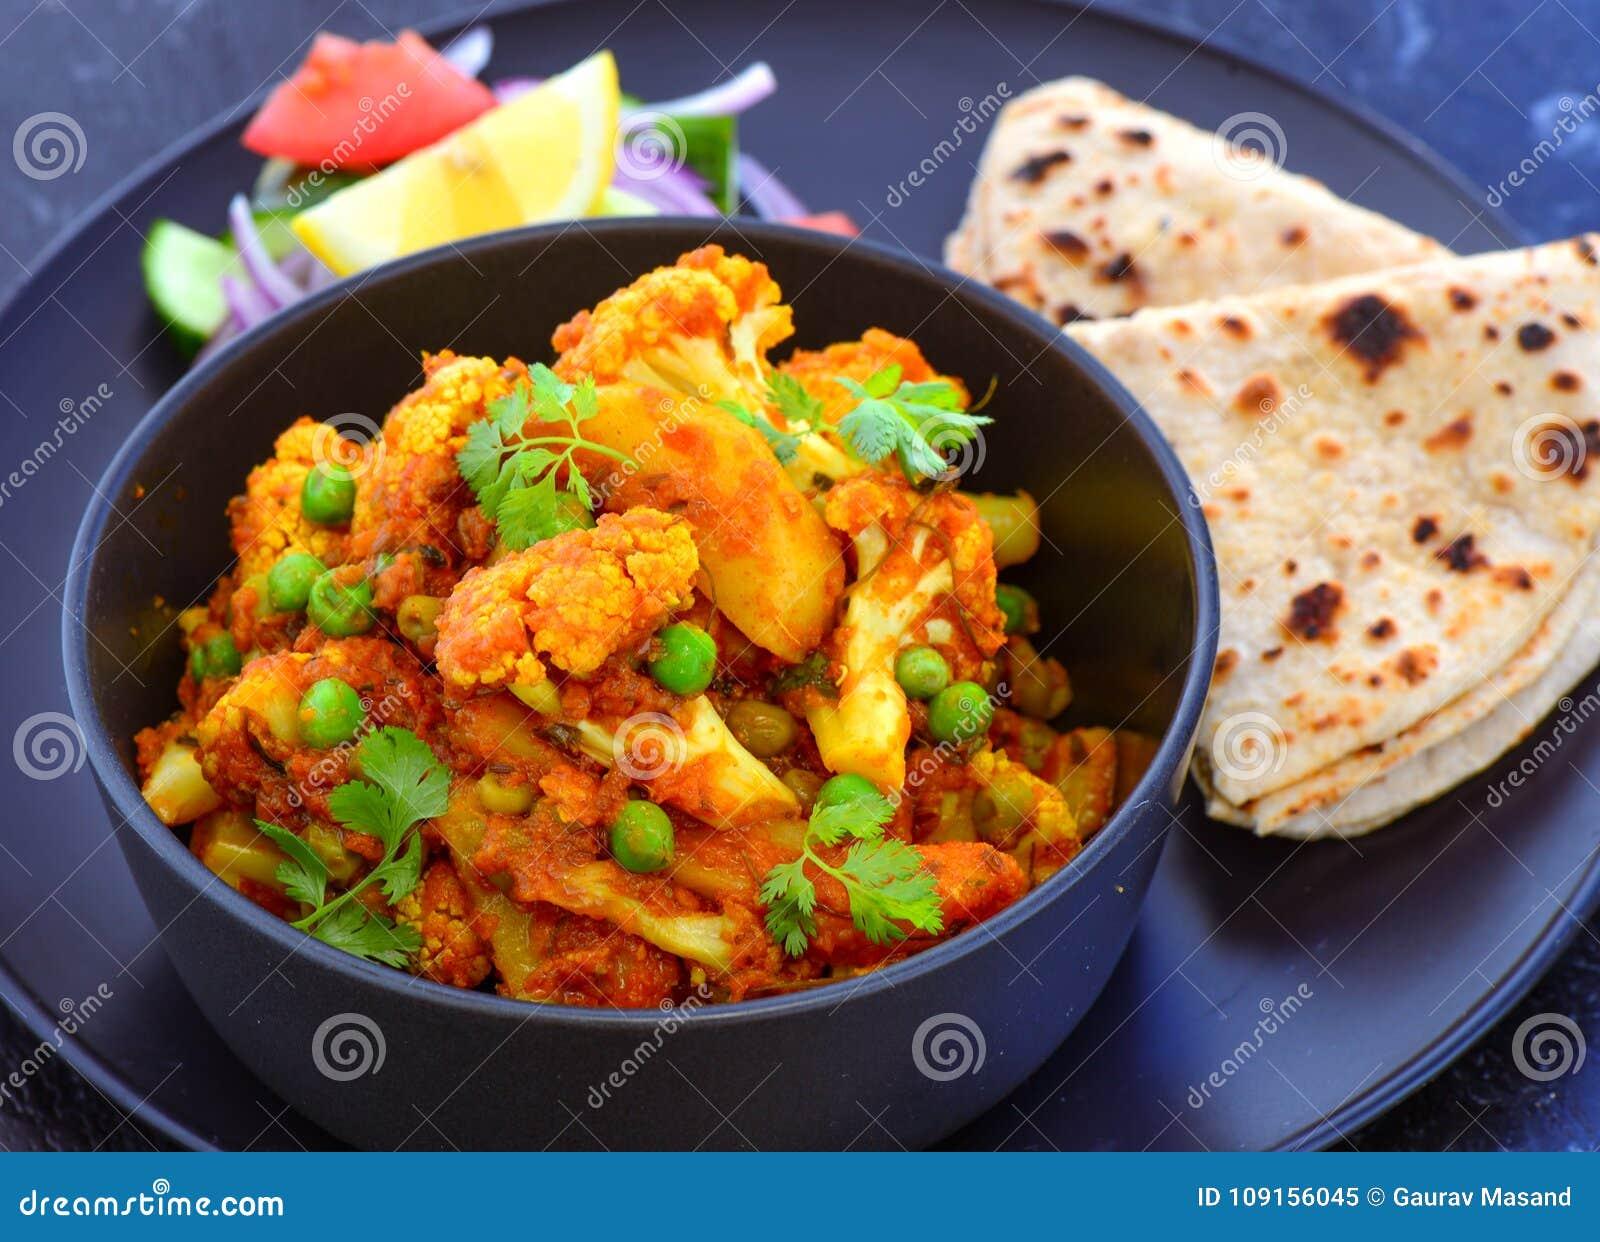 Indisk vegetarisk mål-blomkål curry med roti